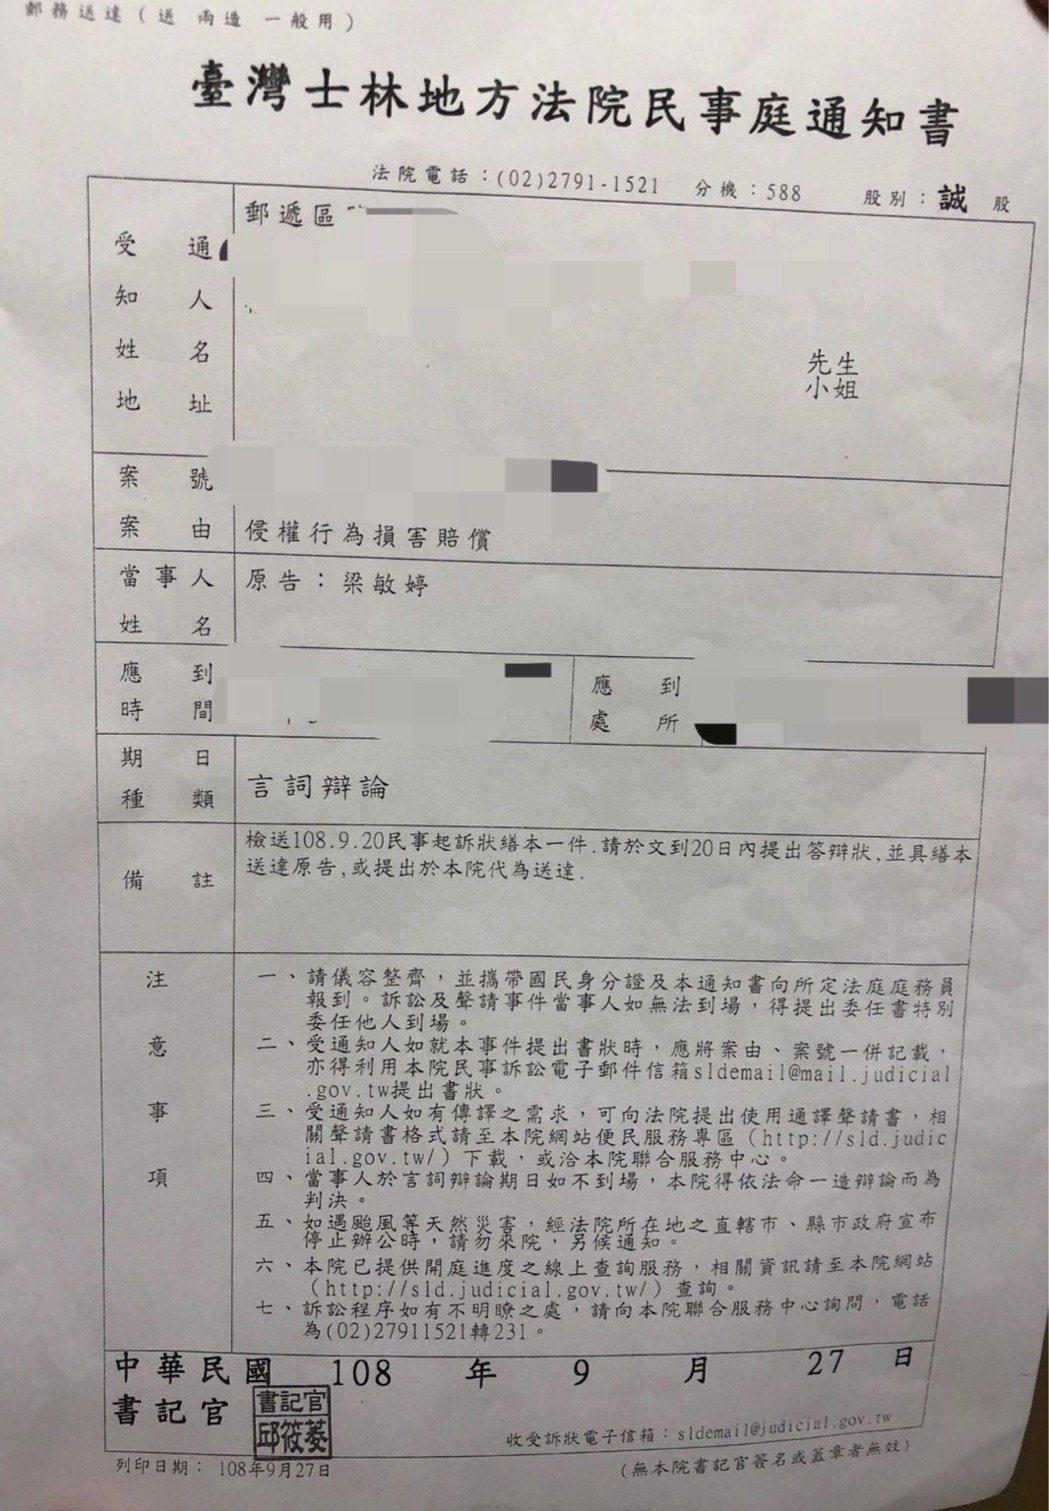 王瞳生日當天收到法院通知書當作生日禮物。  圖/民視提供